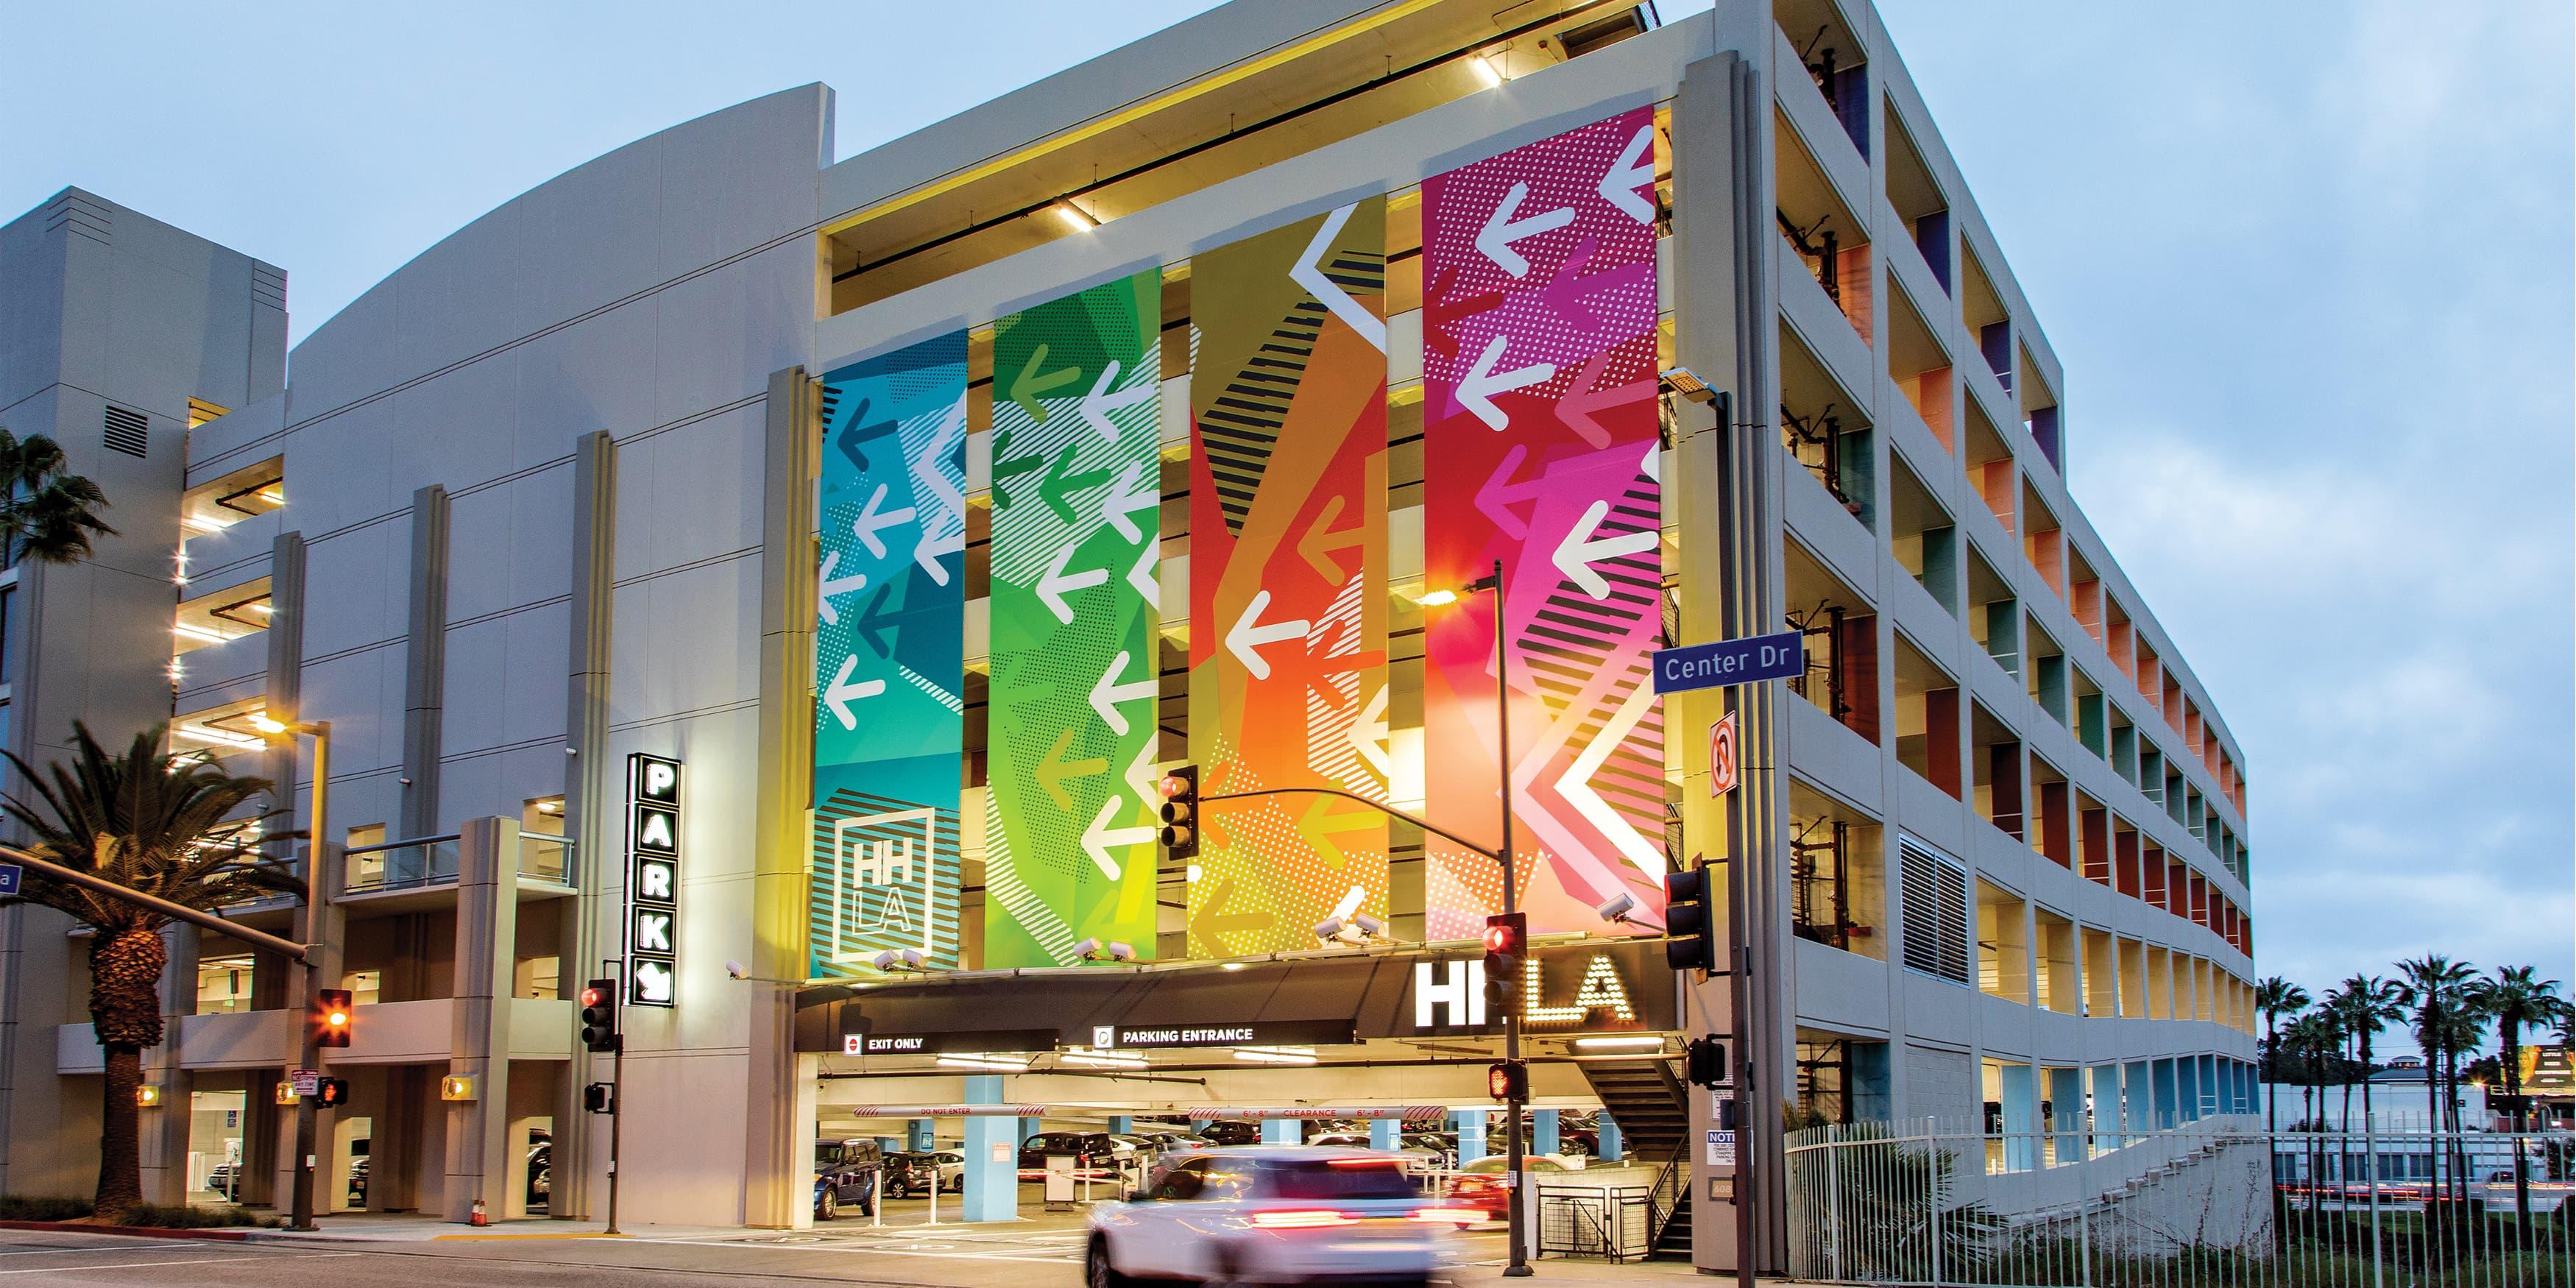 HHLA architectural graphic design and super-graphics